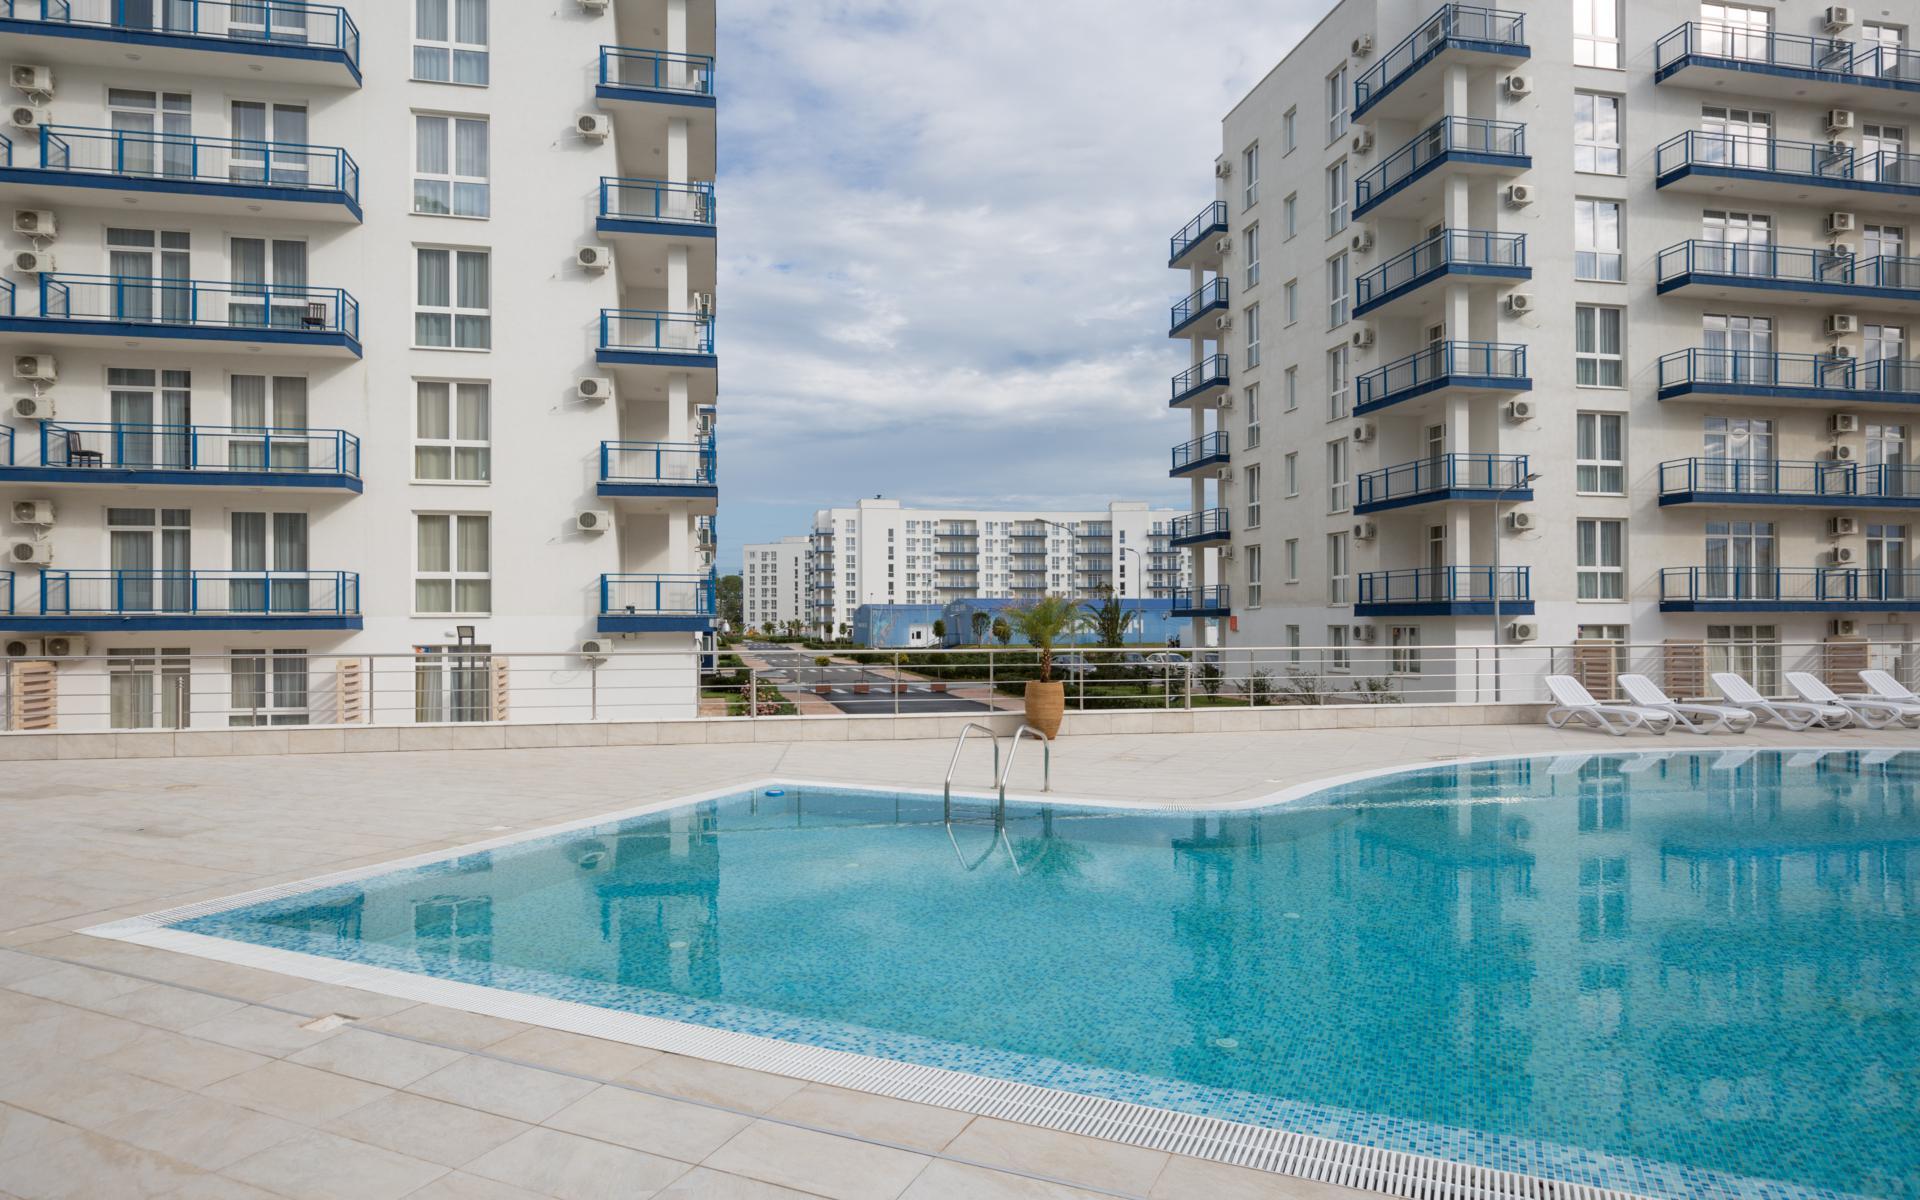 Affitto appartamento a Sanremo, sulla riva del mare